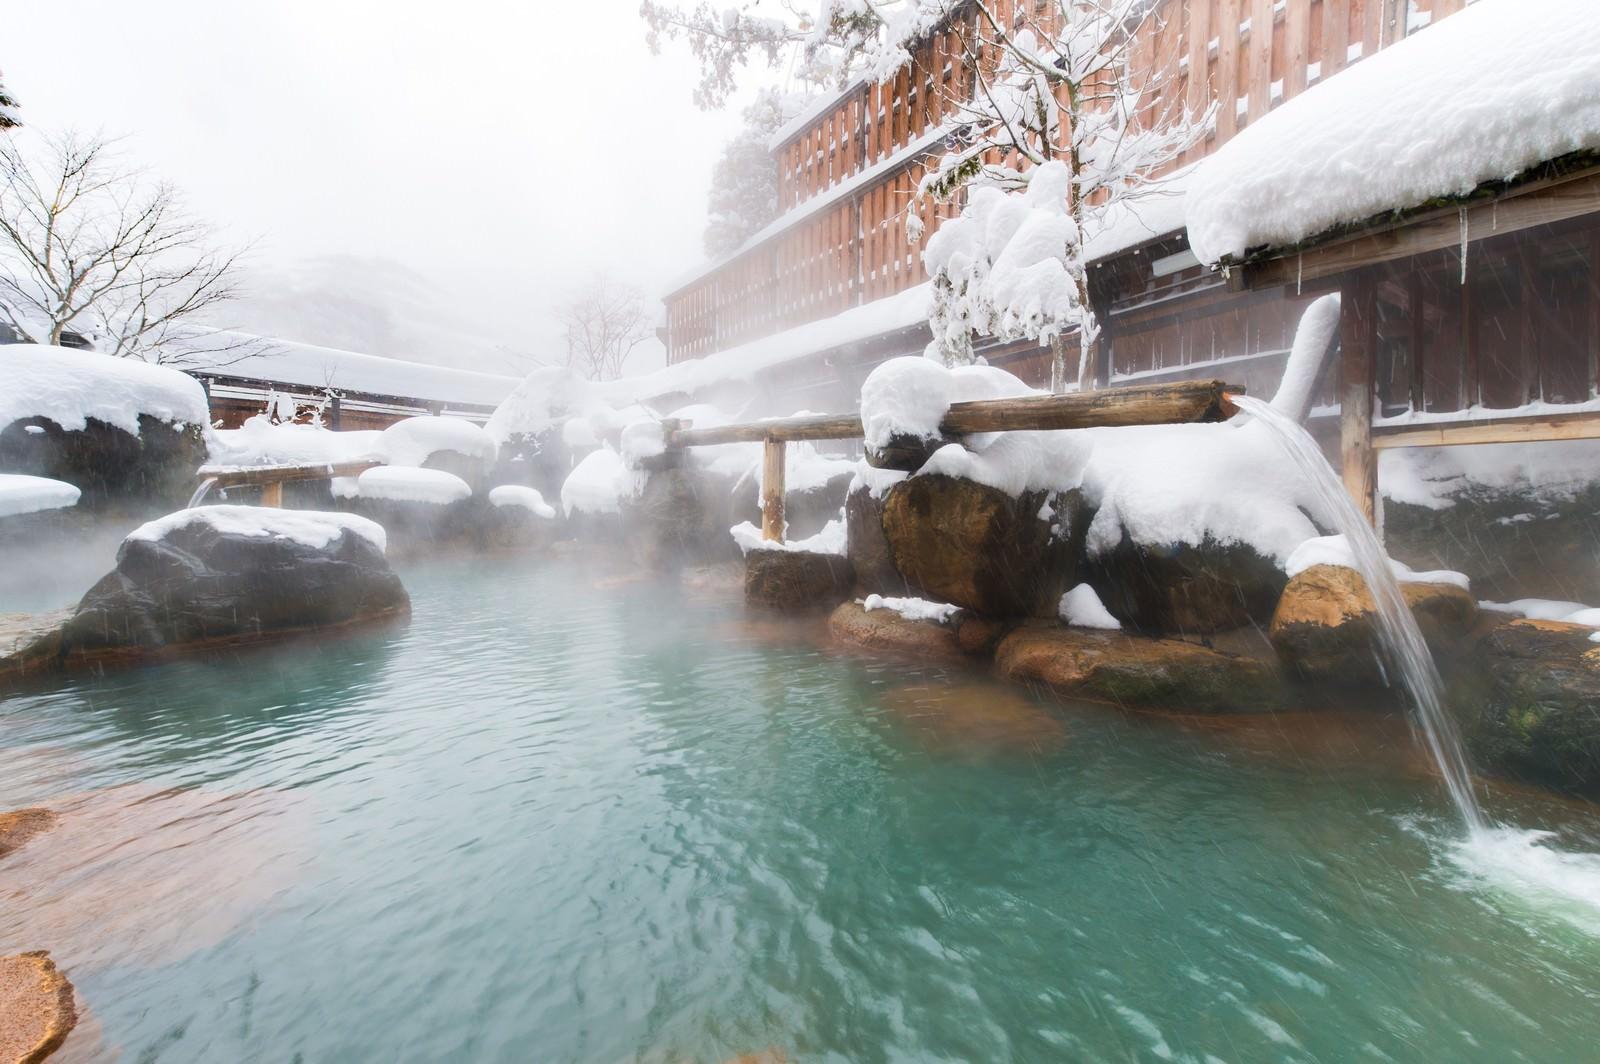 「奥飛騨で源泉かけ流しの雪見露天といえば「平湯館」の山伏の湯奥飛騨で源泉かけ流しの雪見露天といえば「平湯館」の山伏の湯」のフリー写真素材を拡大